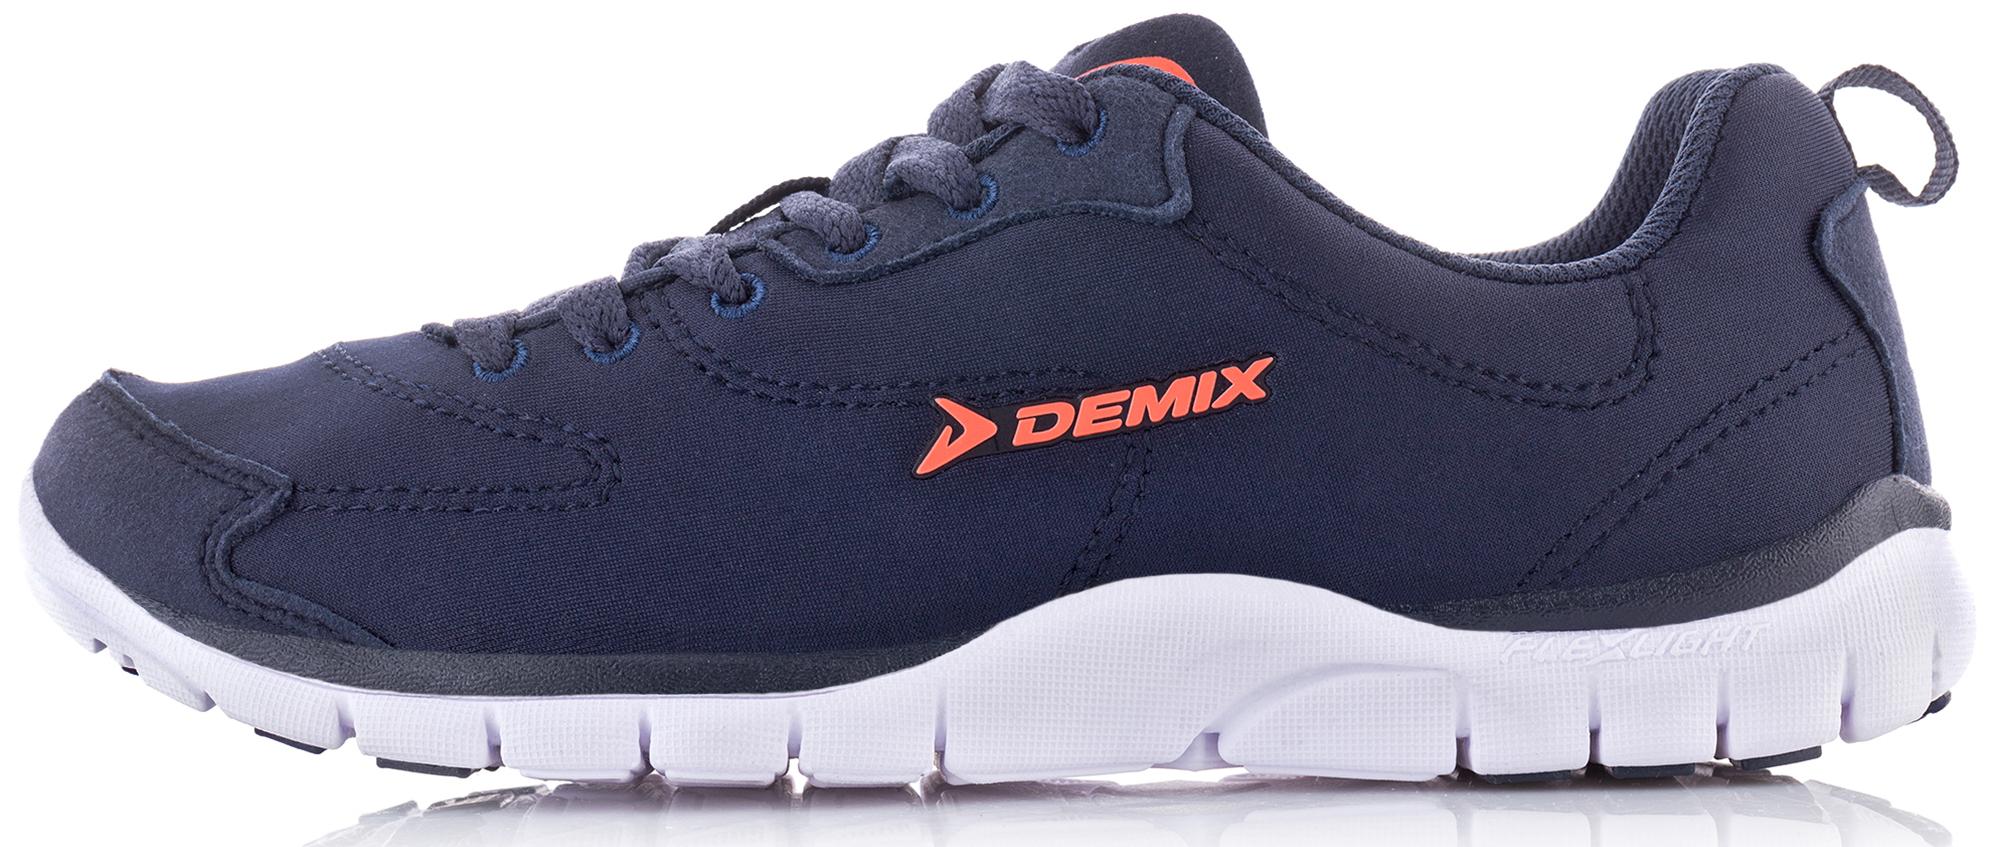 цена Demix Кроссовки женские Demix Flexlight, размер 35 онлайн в 2017 году